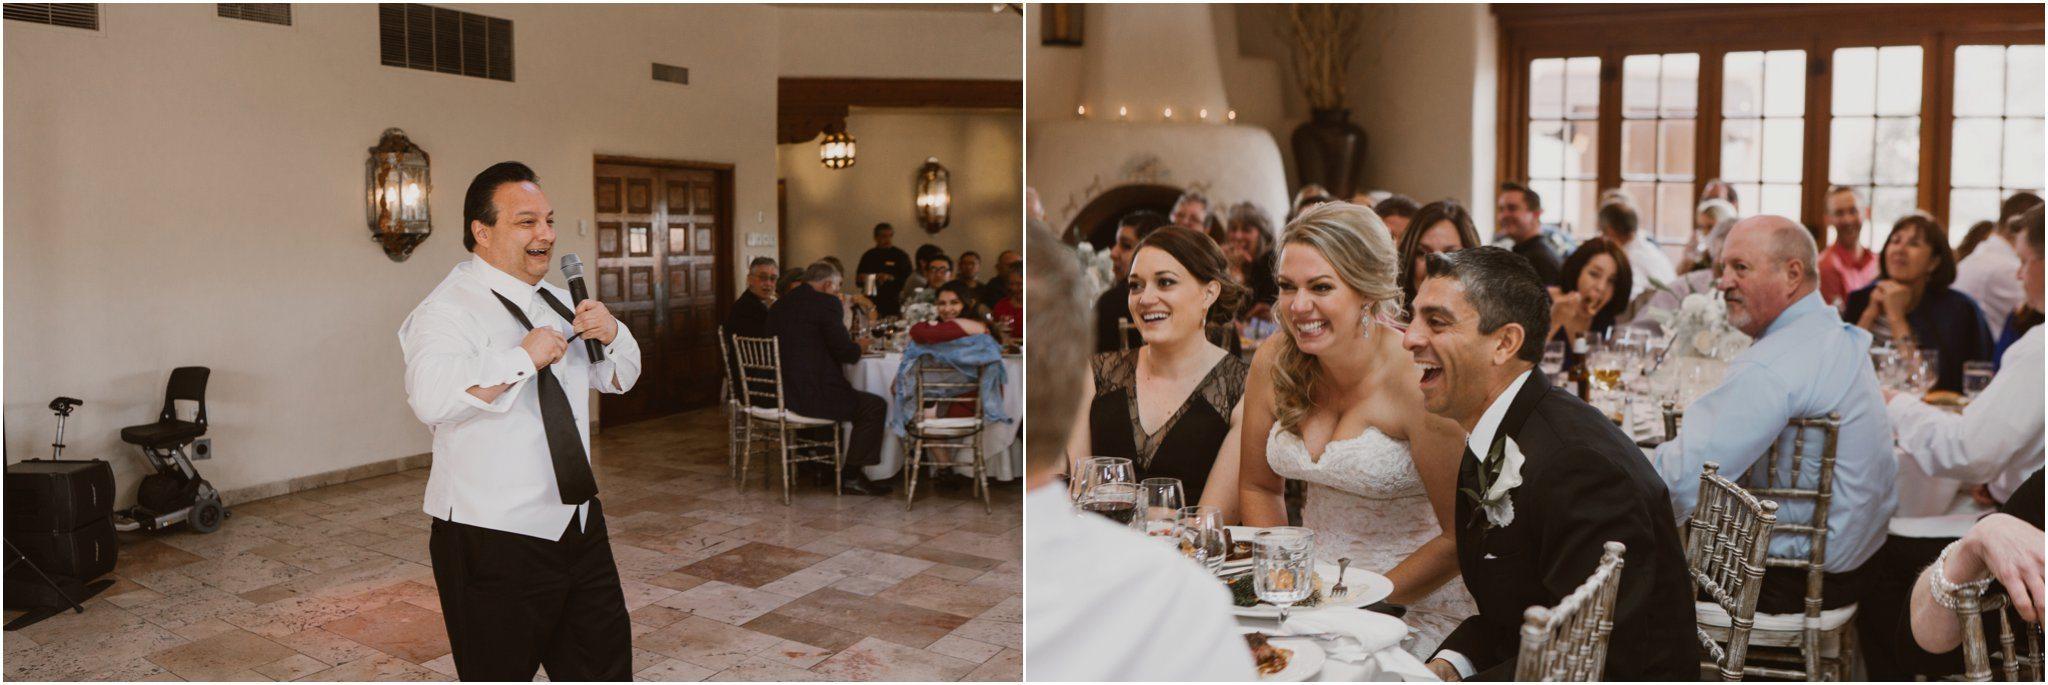 0032Albuquerque _ Santa Fe _ Wedding Photographers _ New Mexico Wedding Photography